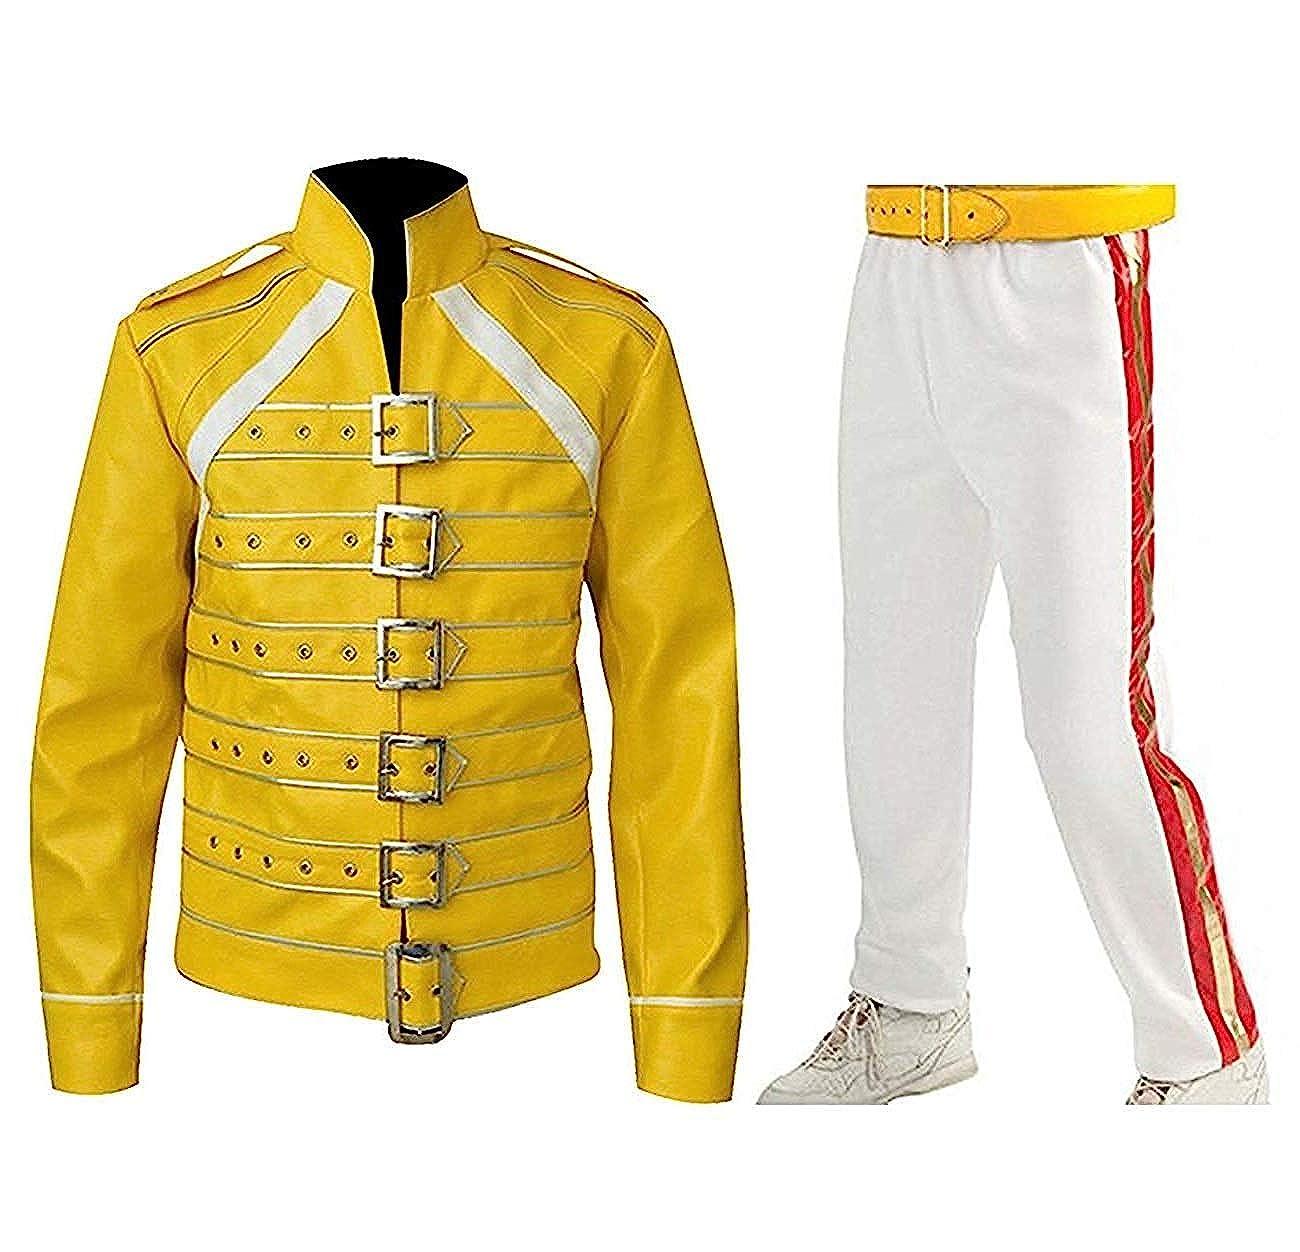 Fashion_First Freddie Mercury chamarra para hombre, reina tributo Wembley concierto disfraz de piel